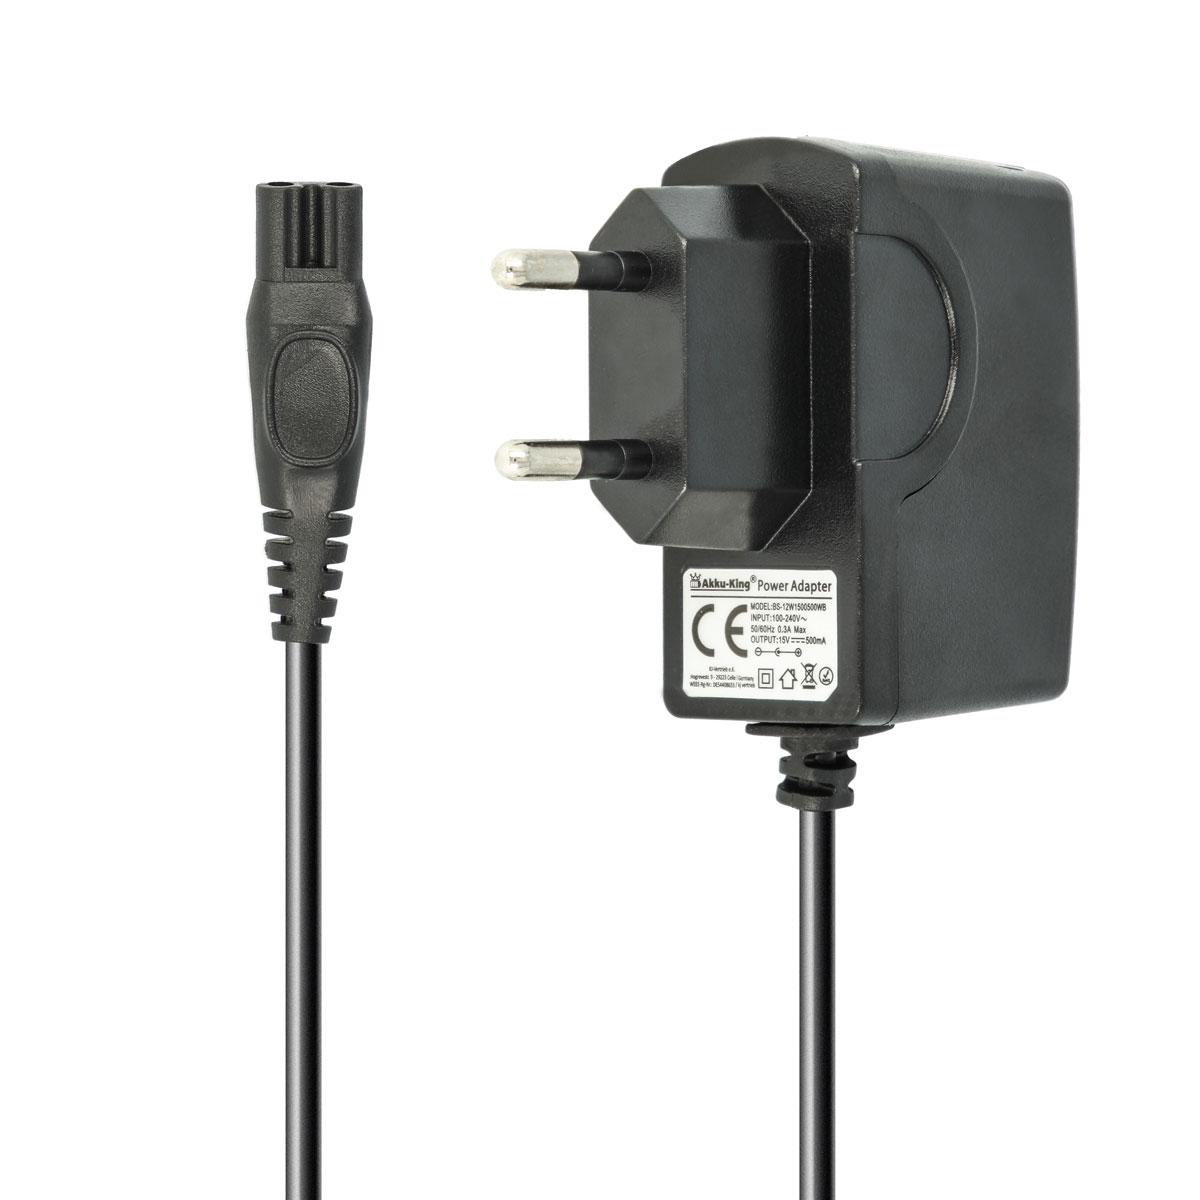 Ladekabel Netzteil Ladegerät für Philips Rasierer PT860//17 HQ8100 HQ8140